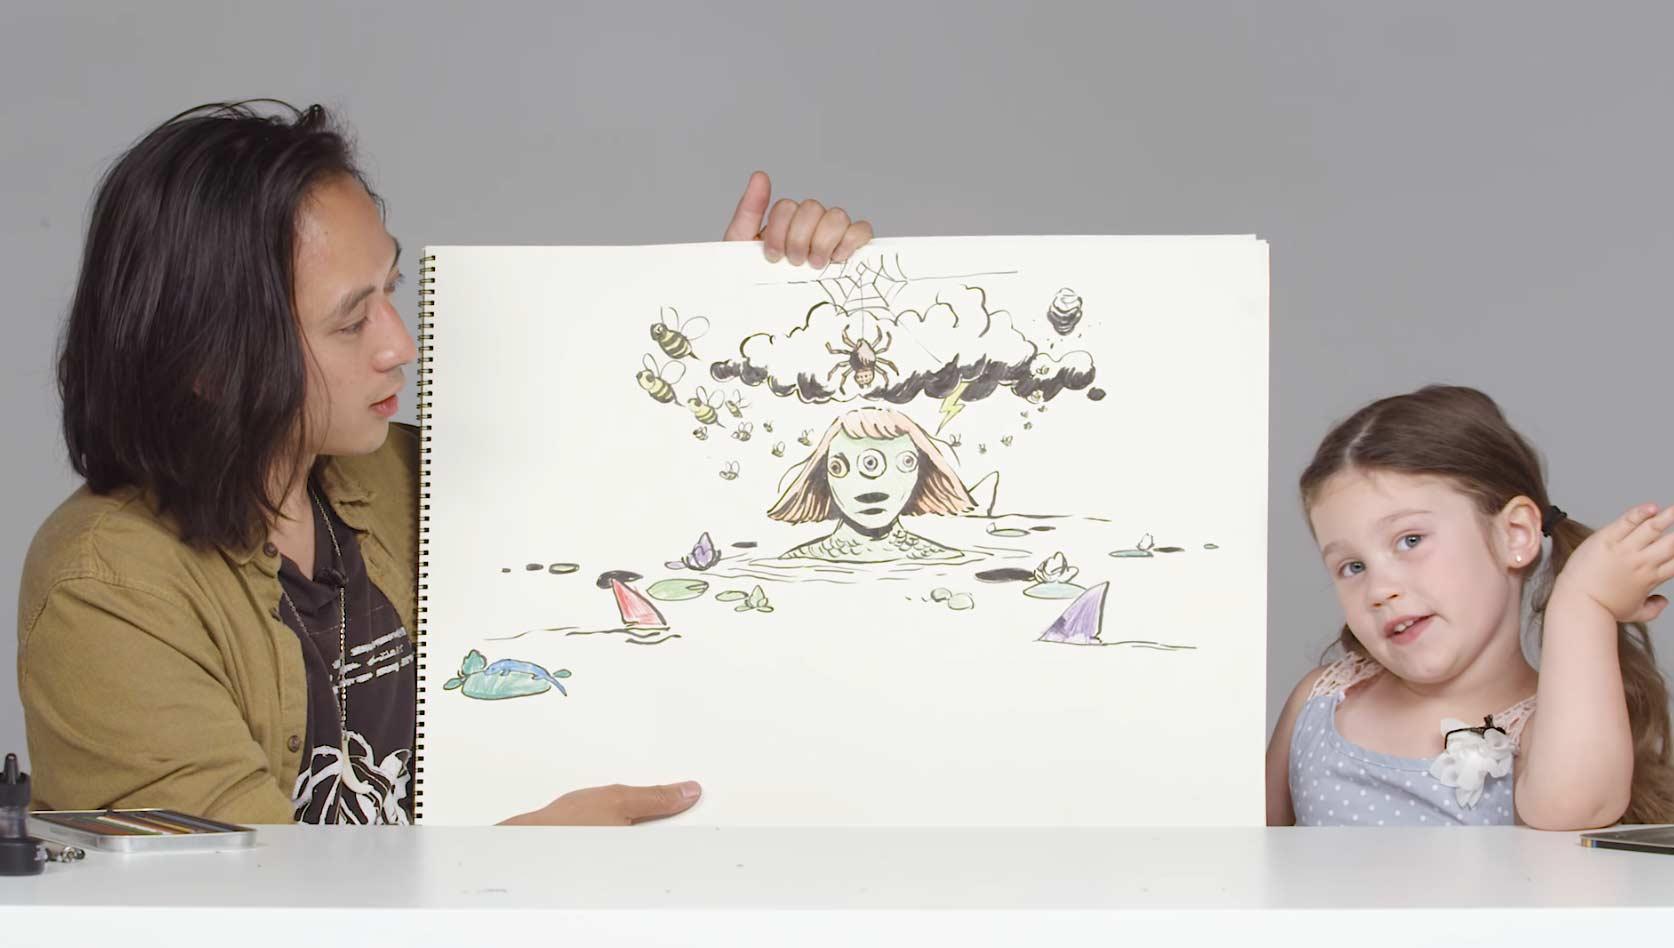 Kinder beschreiben Illustrator ihre größten Ängste kinder-groesste-aengste